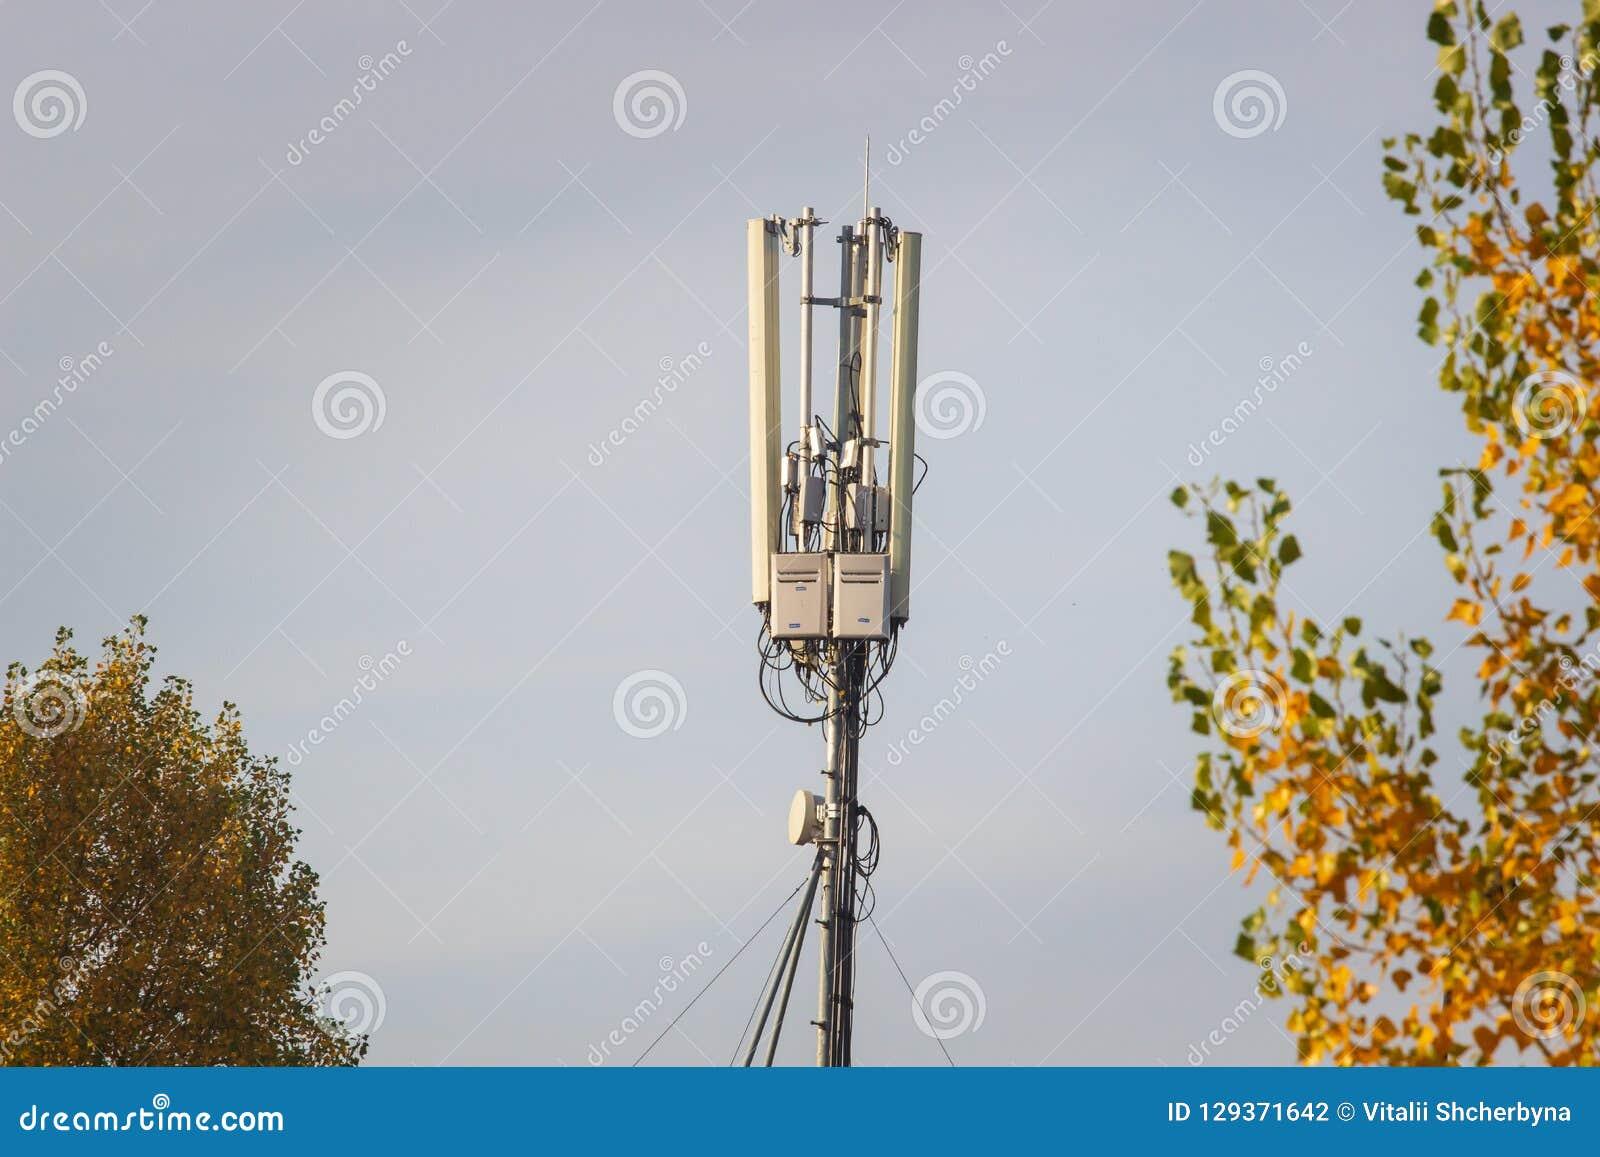 Cima Di Una Torre Radiofonica Cellulare Antenna Contro Lo Sfondo